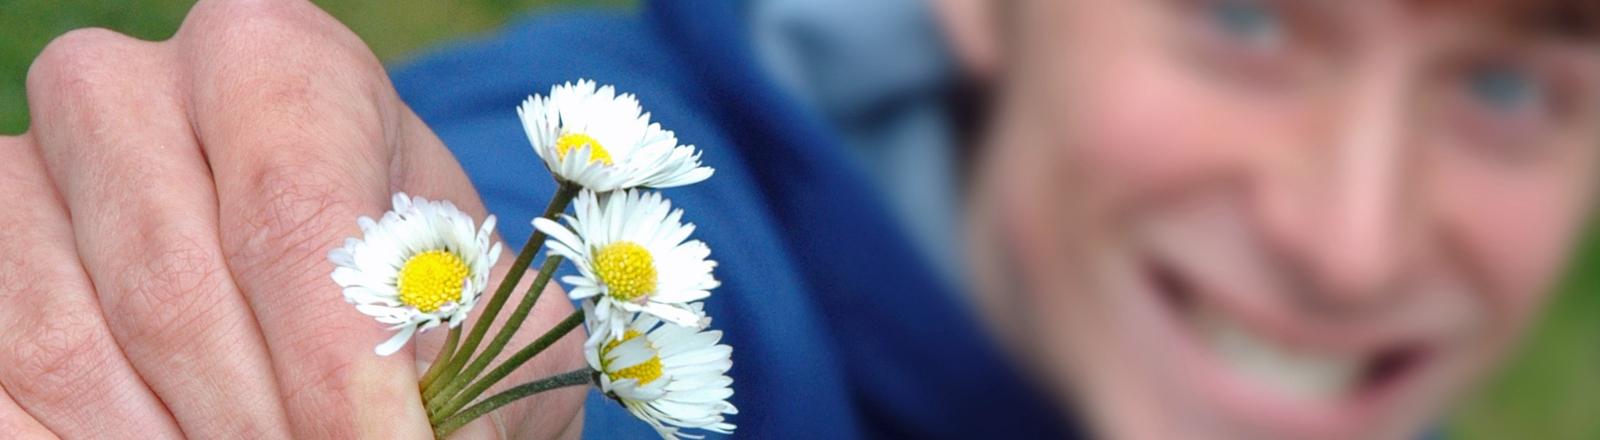 Ein Mann reicht vier kleine Gänseblümchen und grinst dabei freundlich.